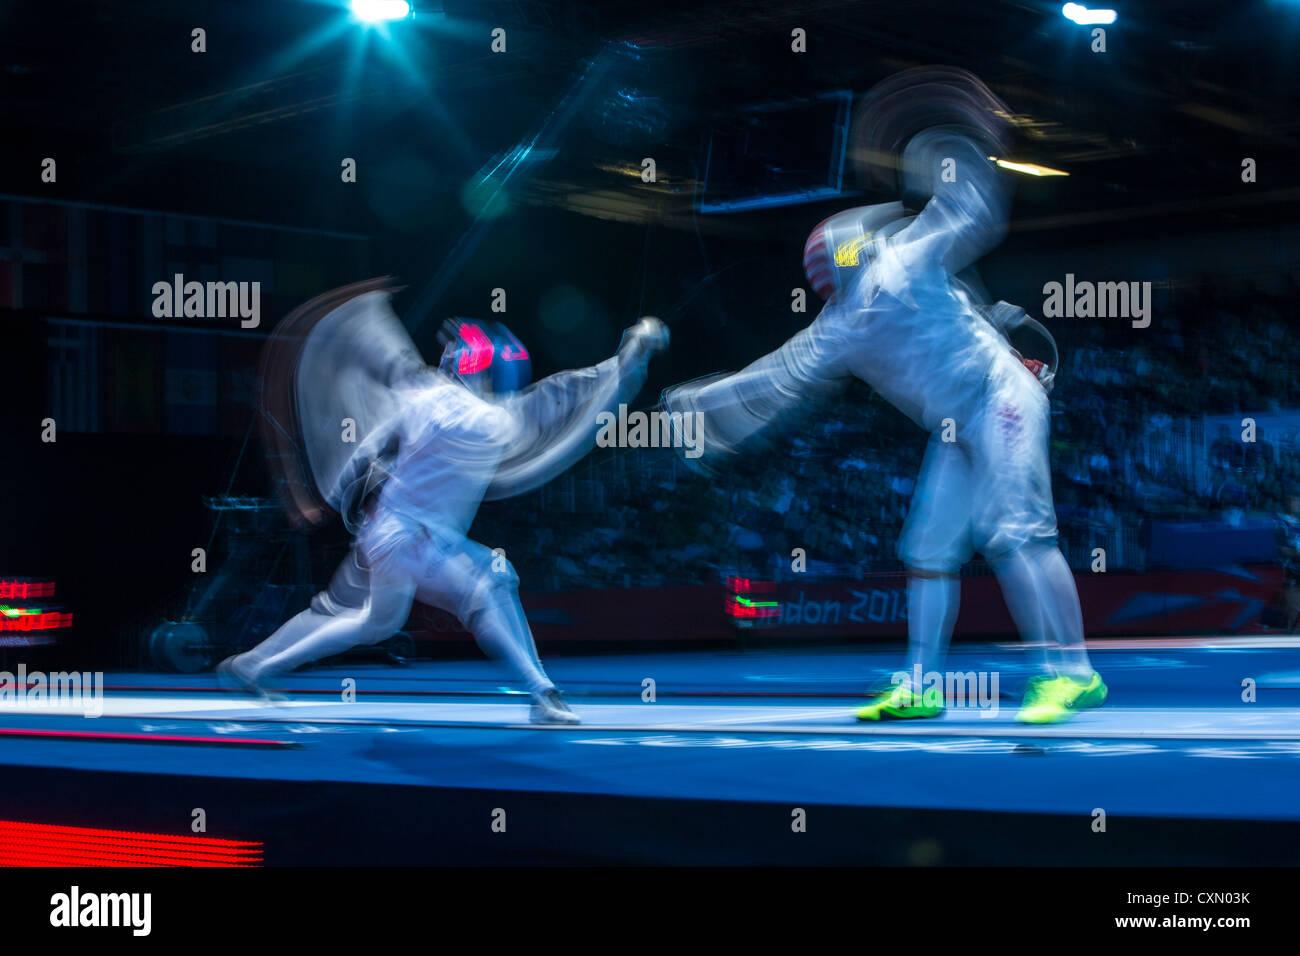 L'action de l'escrime floue de la concurrence. Photo Stock